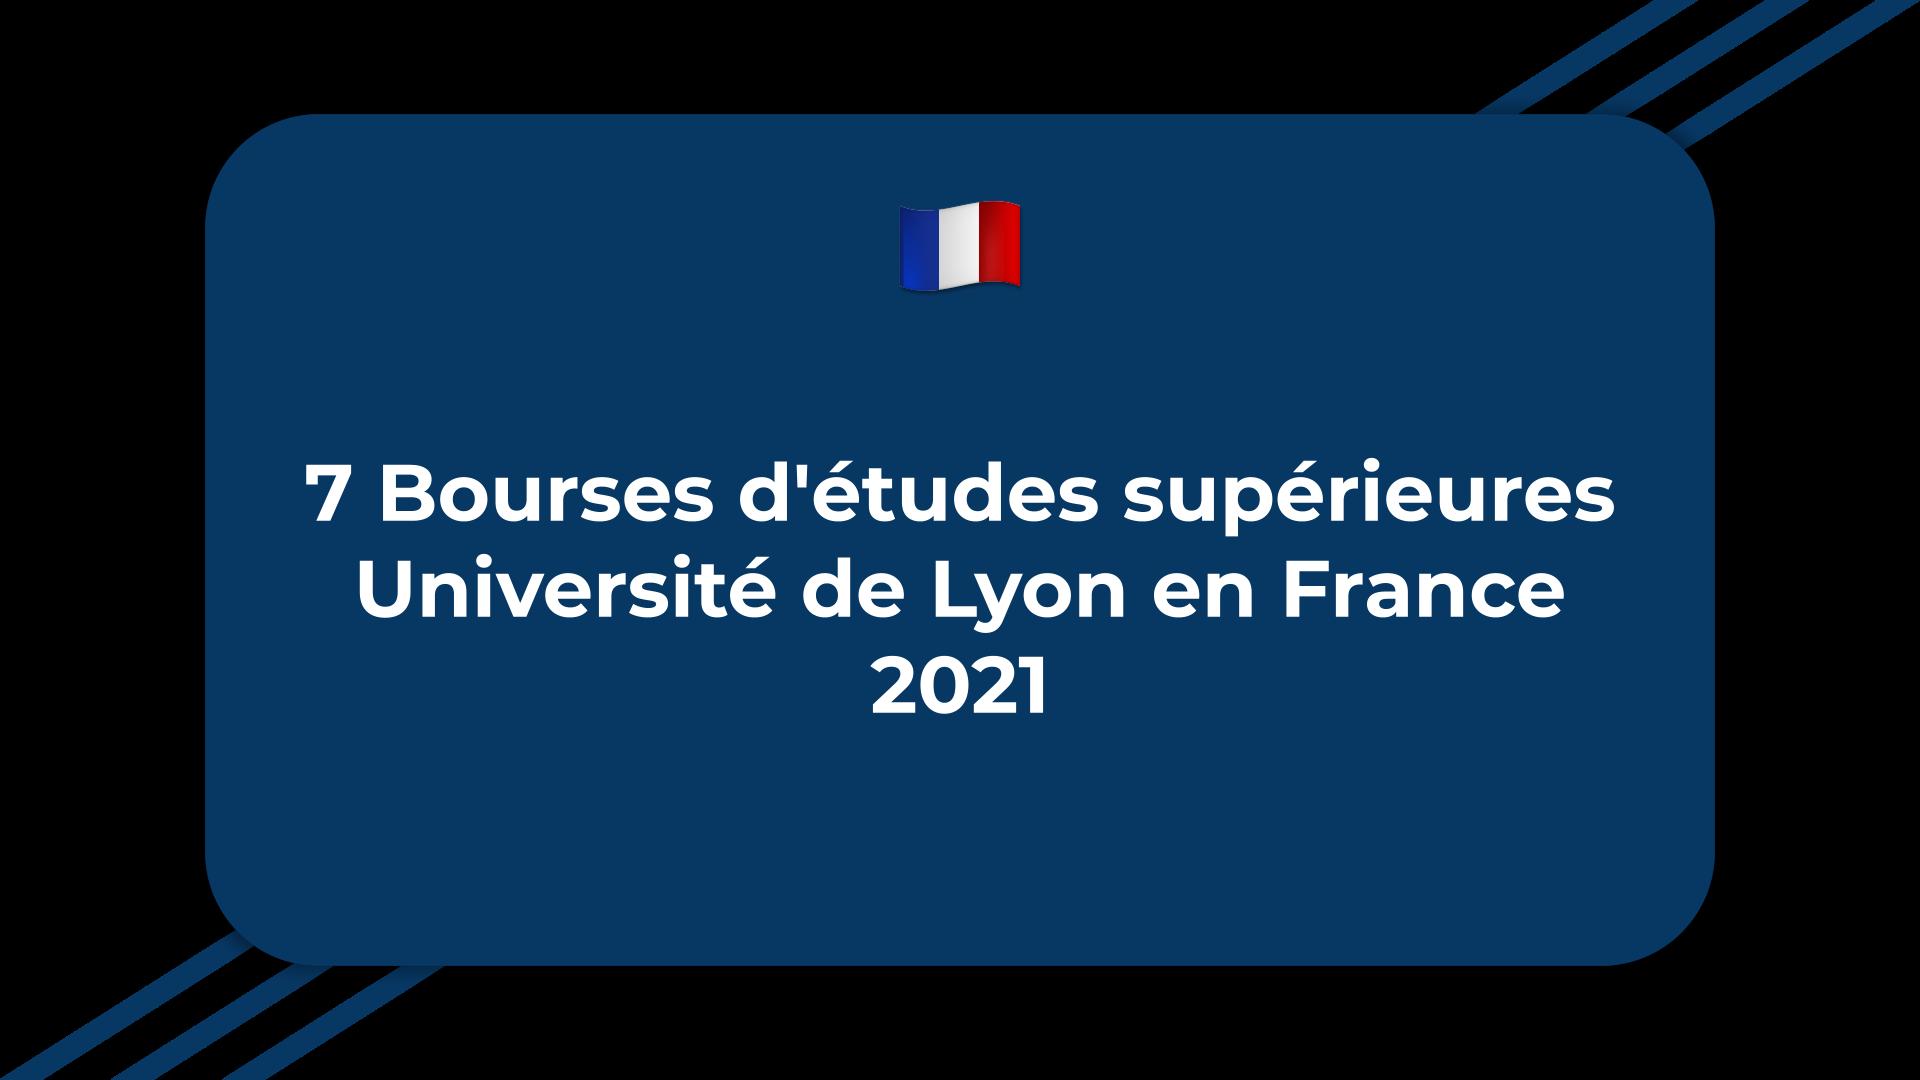 Bourses d'études supérieures Université de Lyon